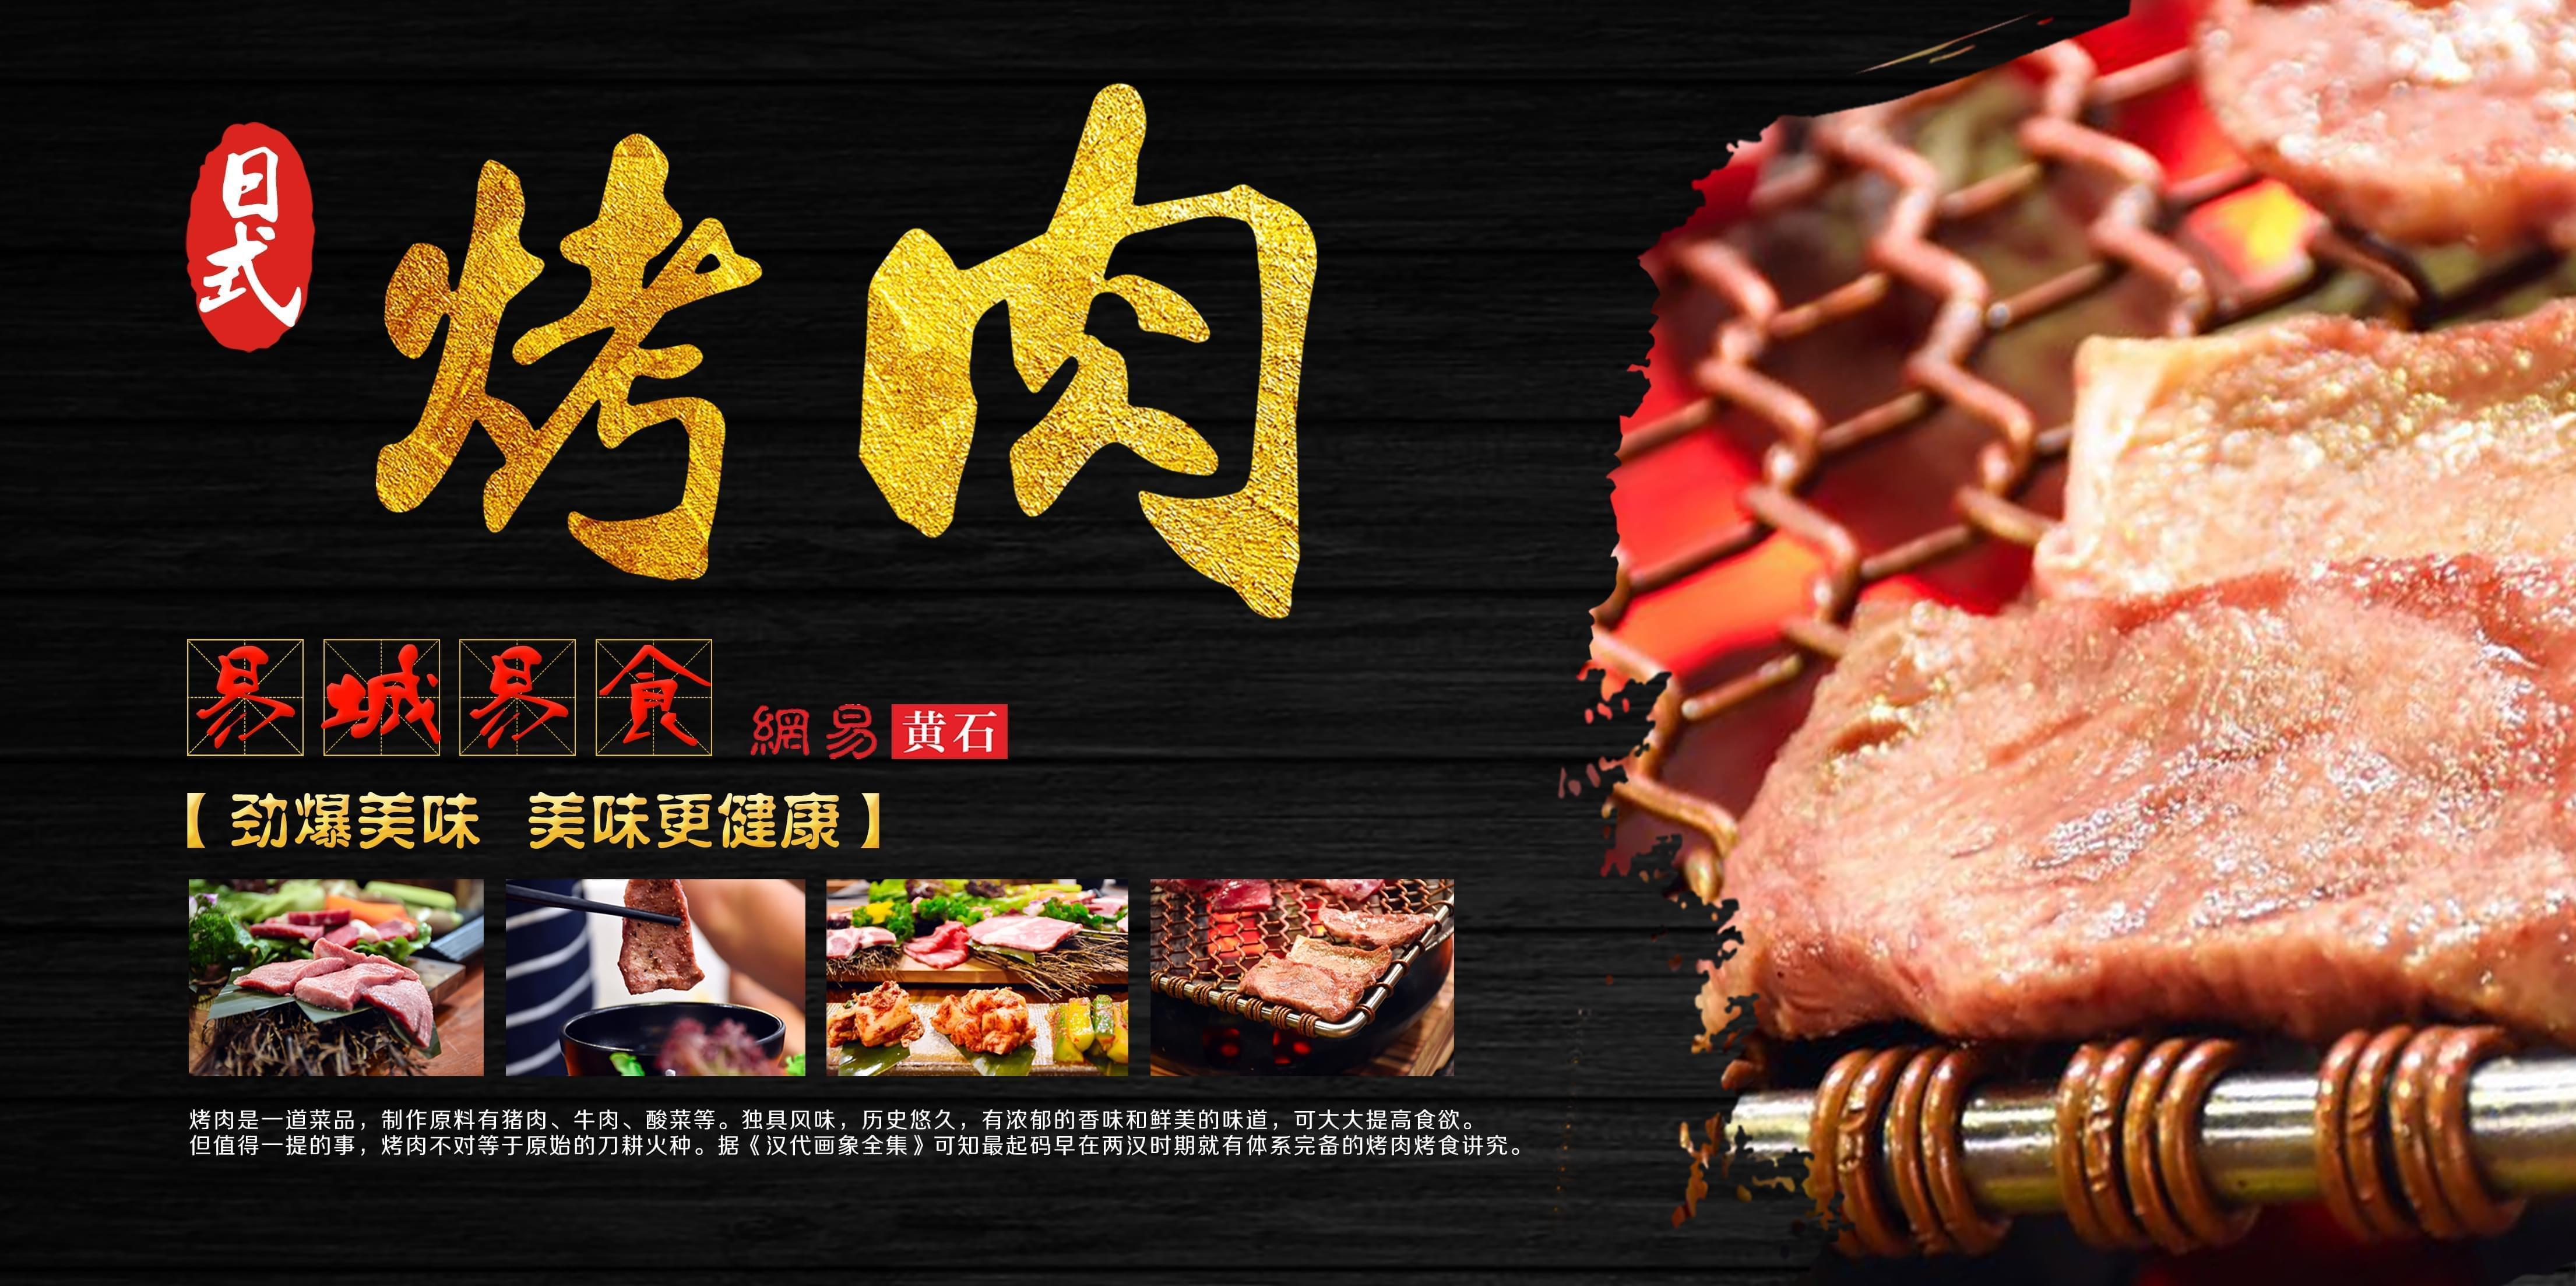 易城易食|日式炭火烤肉之炎の黑牛